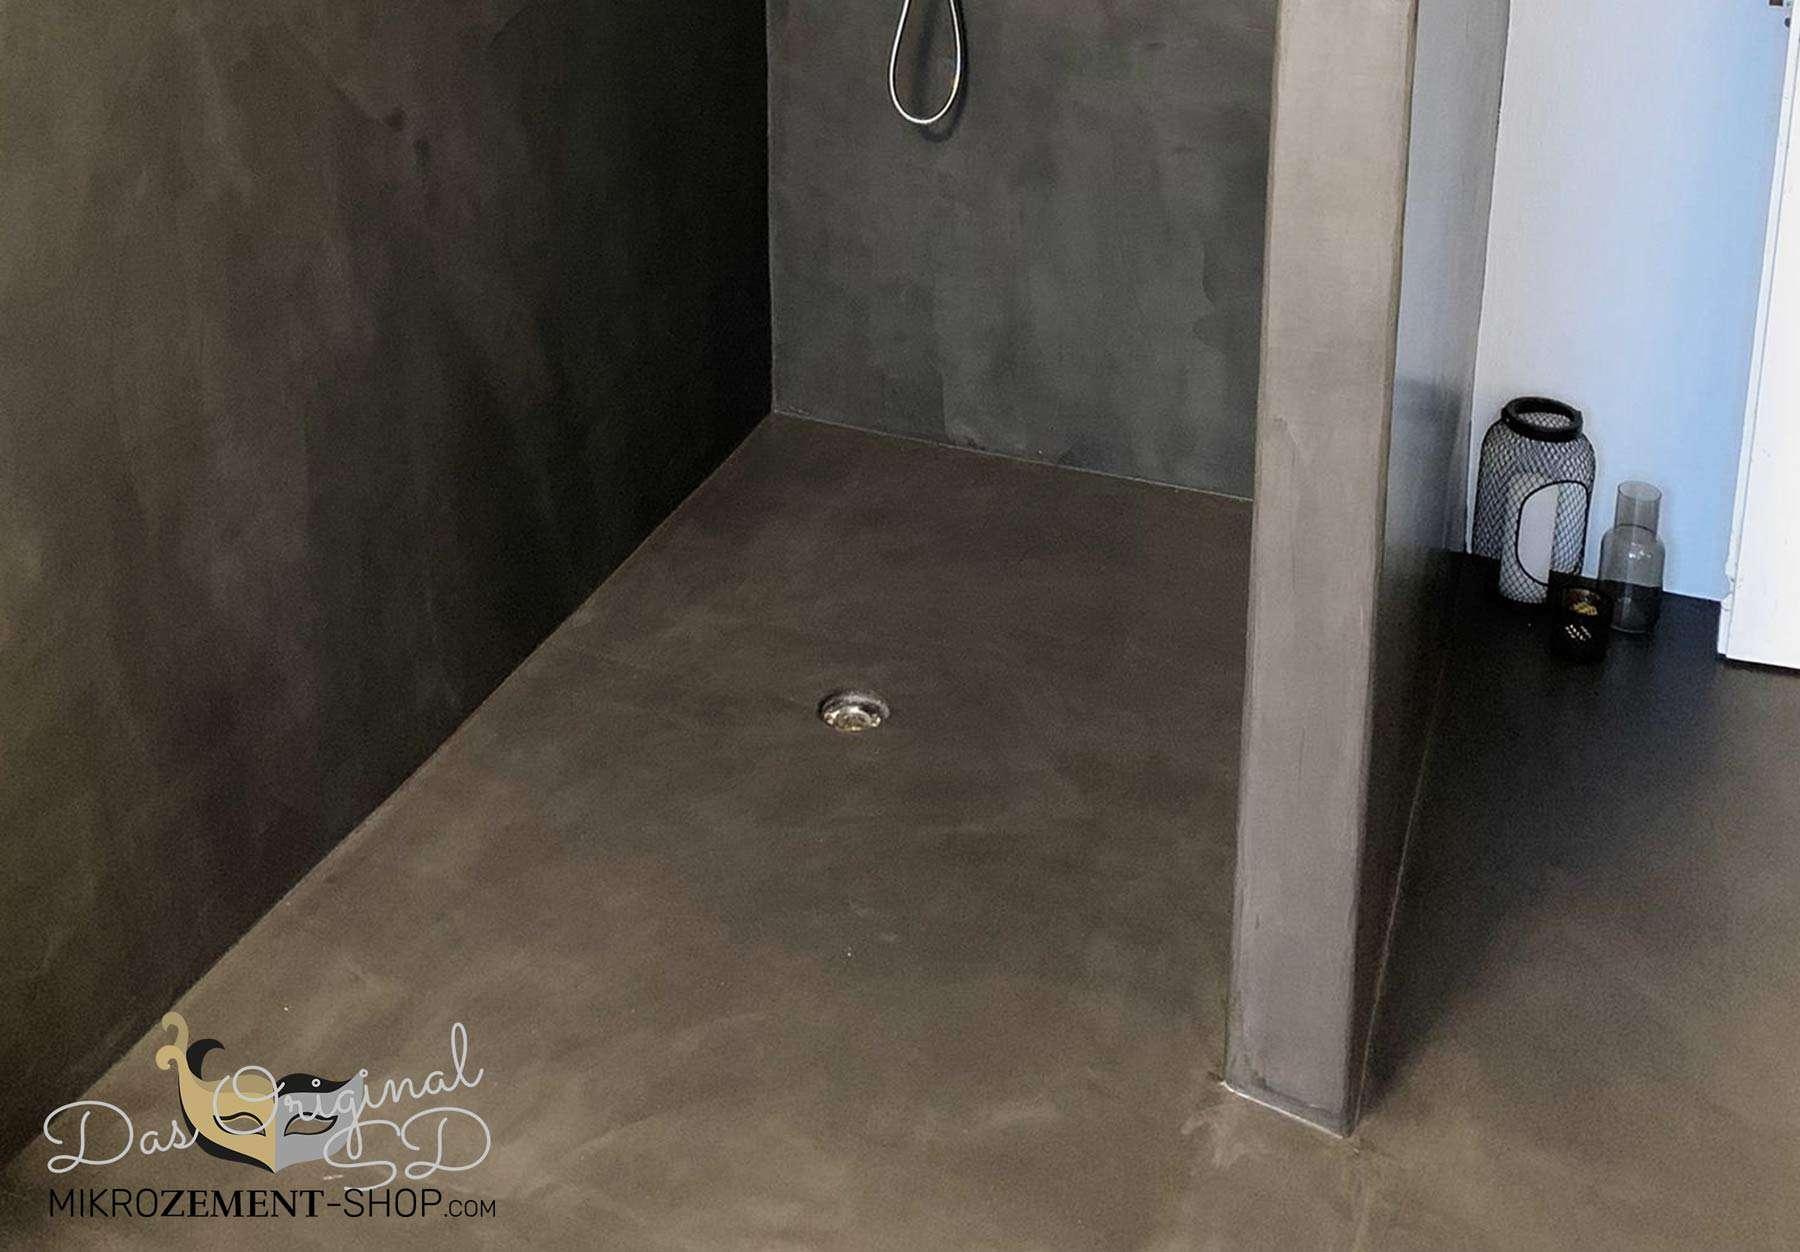 Microzement Dusche mit Mikrozement